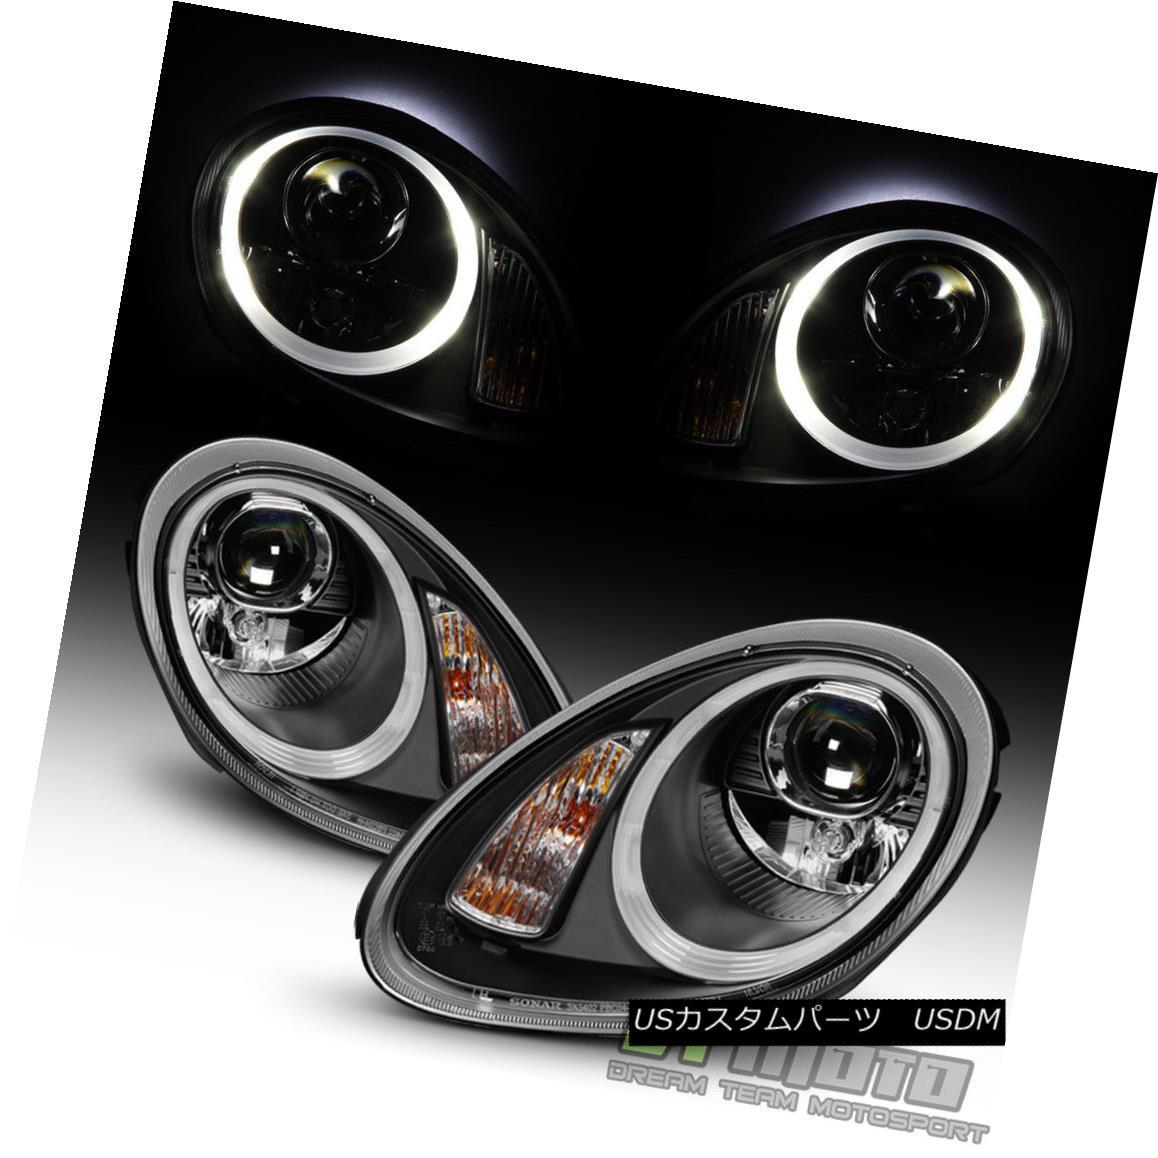 ヘッドライト Black 2005-2008 Porsche Boxster 987 Cayman Halogen LED Tube Projector Headlights ブラック2005-2008ポルシェボクスター987ケイマンハロゲンLEDチューブプロジェクターヘッドライト